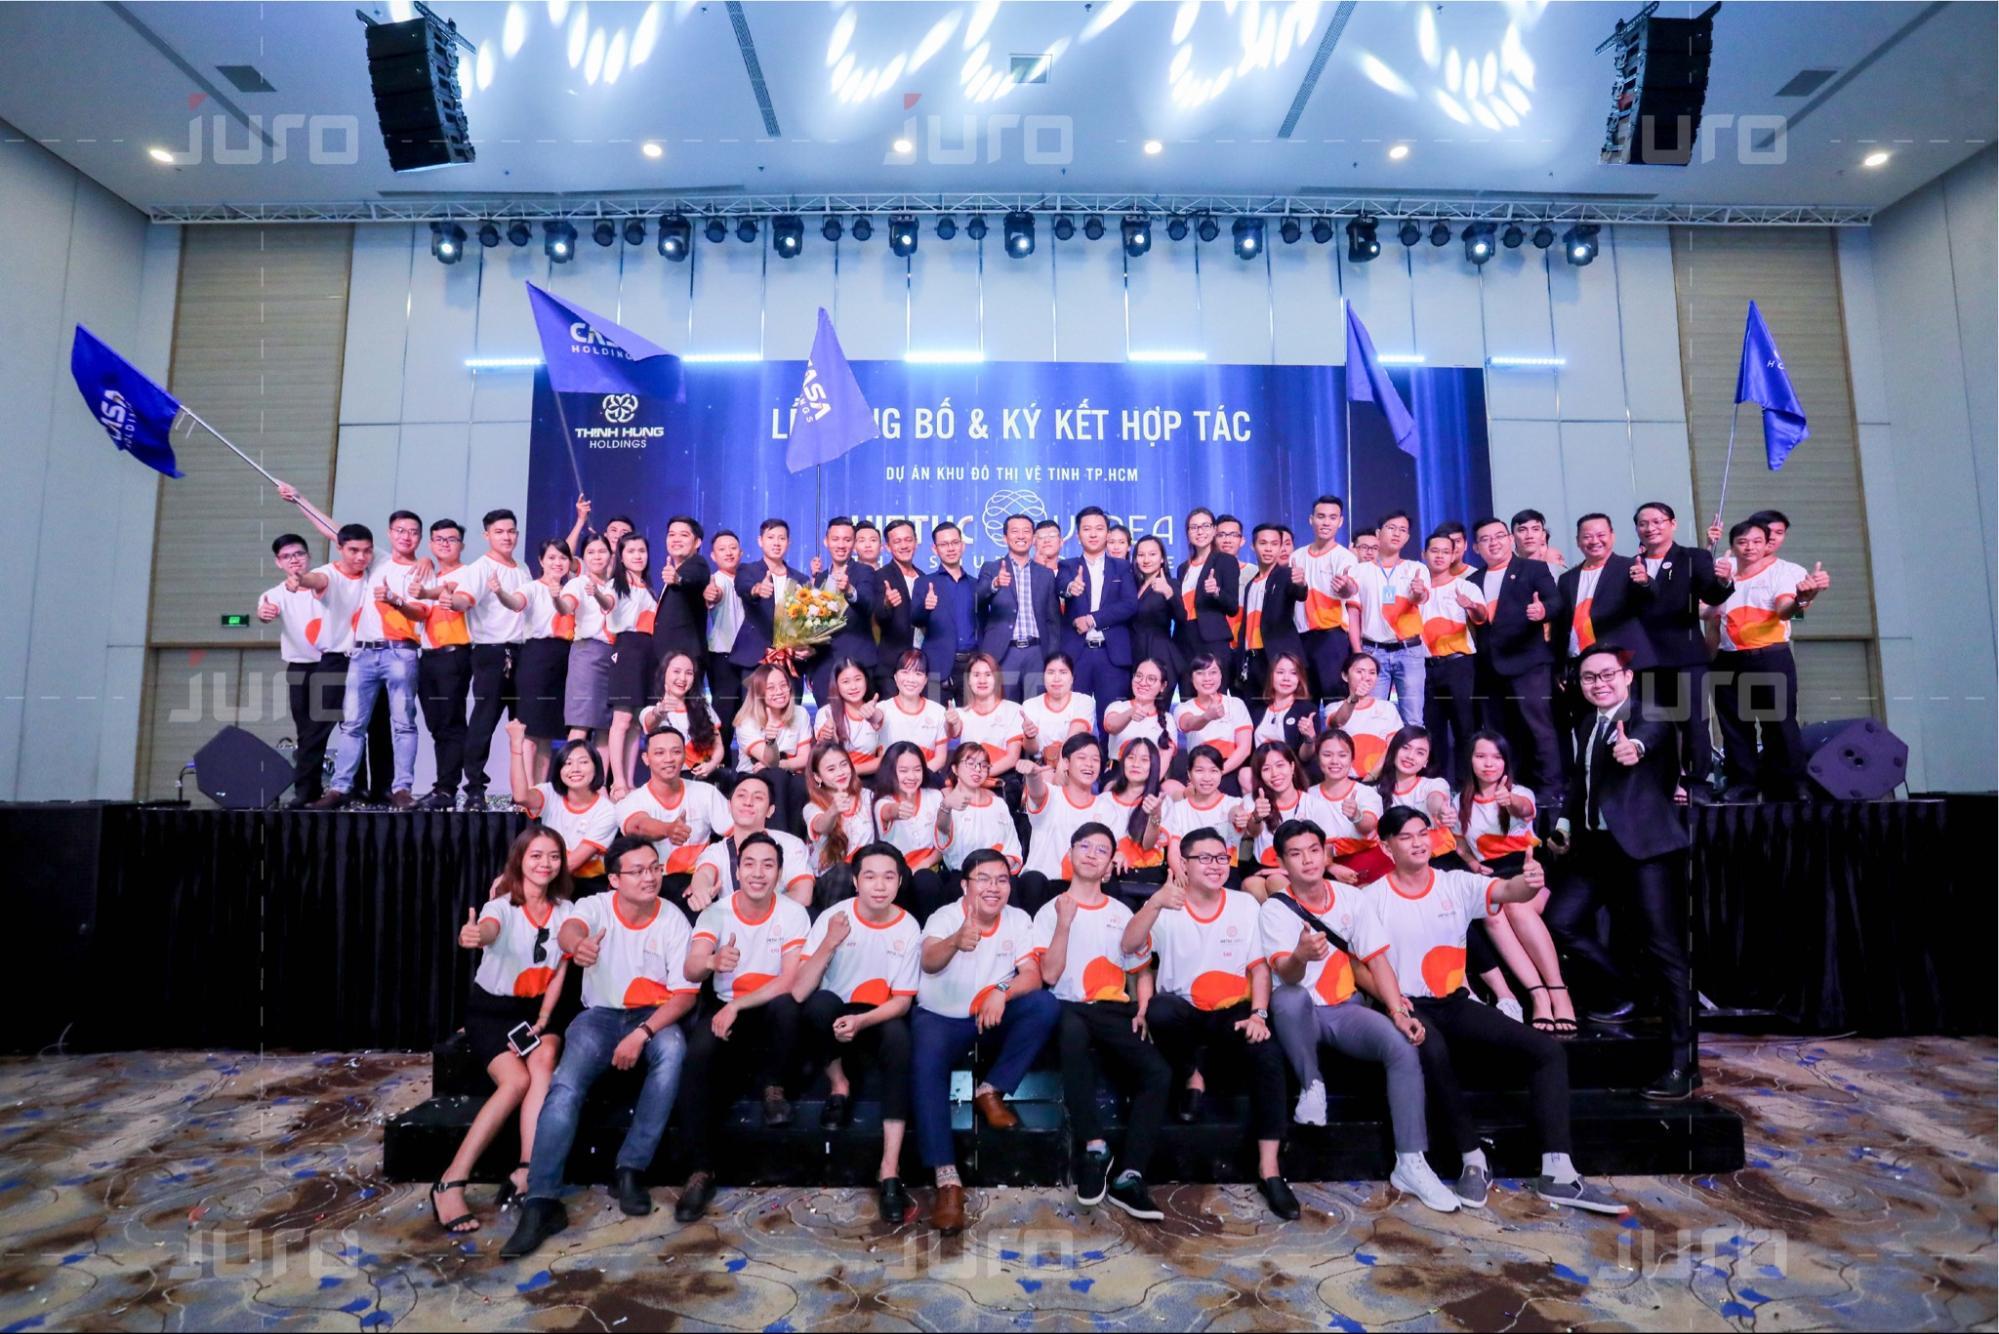 JURO - Đơn vị tổ chức sự kiện uy tín chuyên nghiệp tại TP.HCM